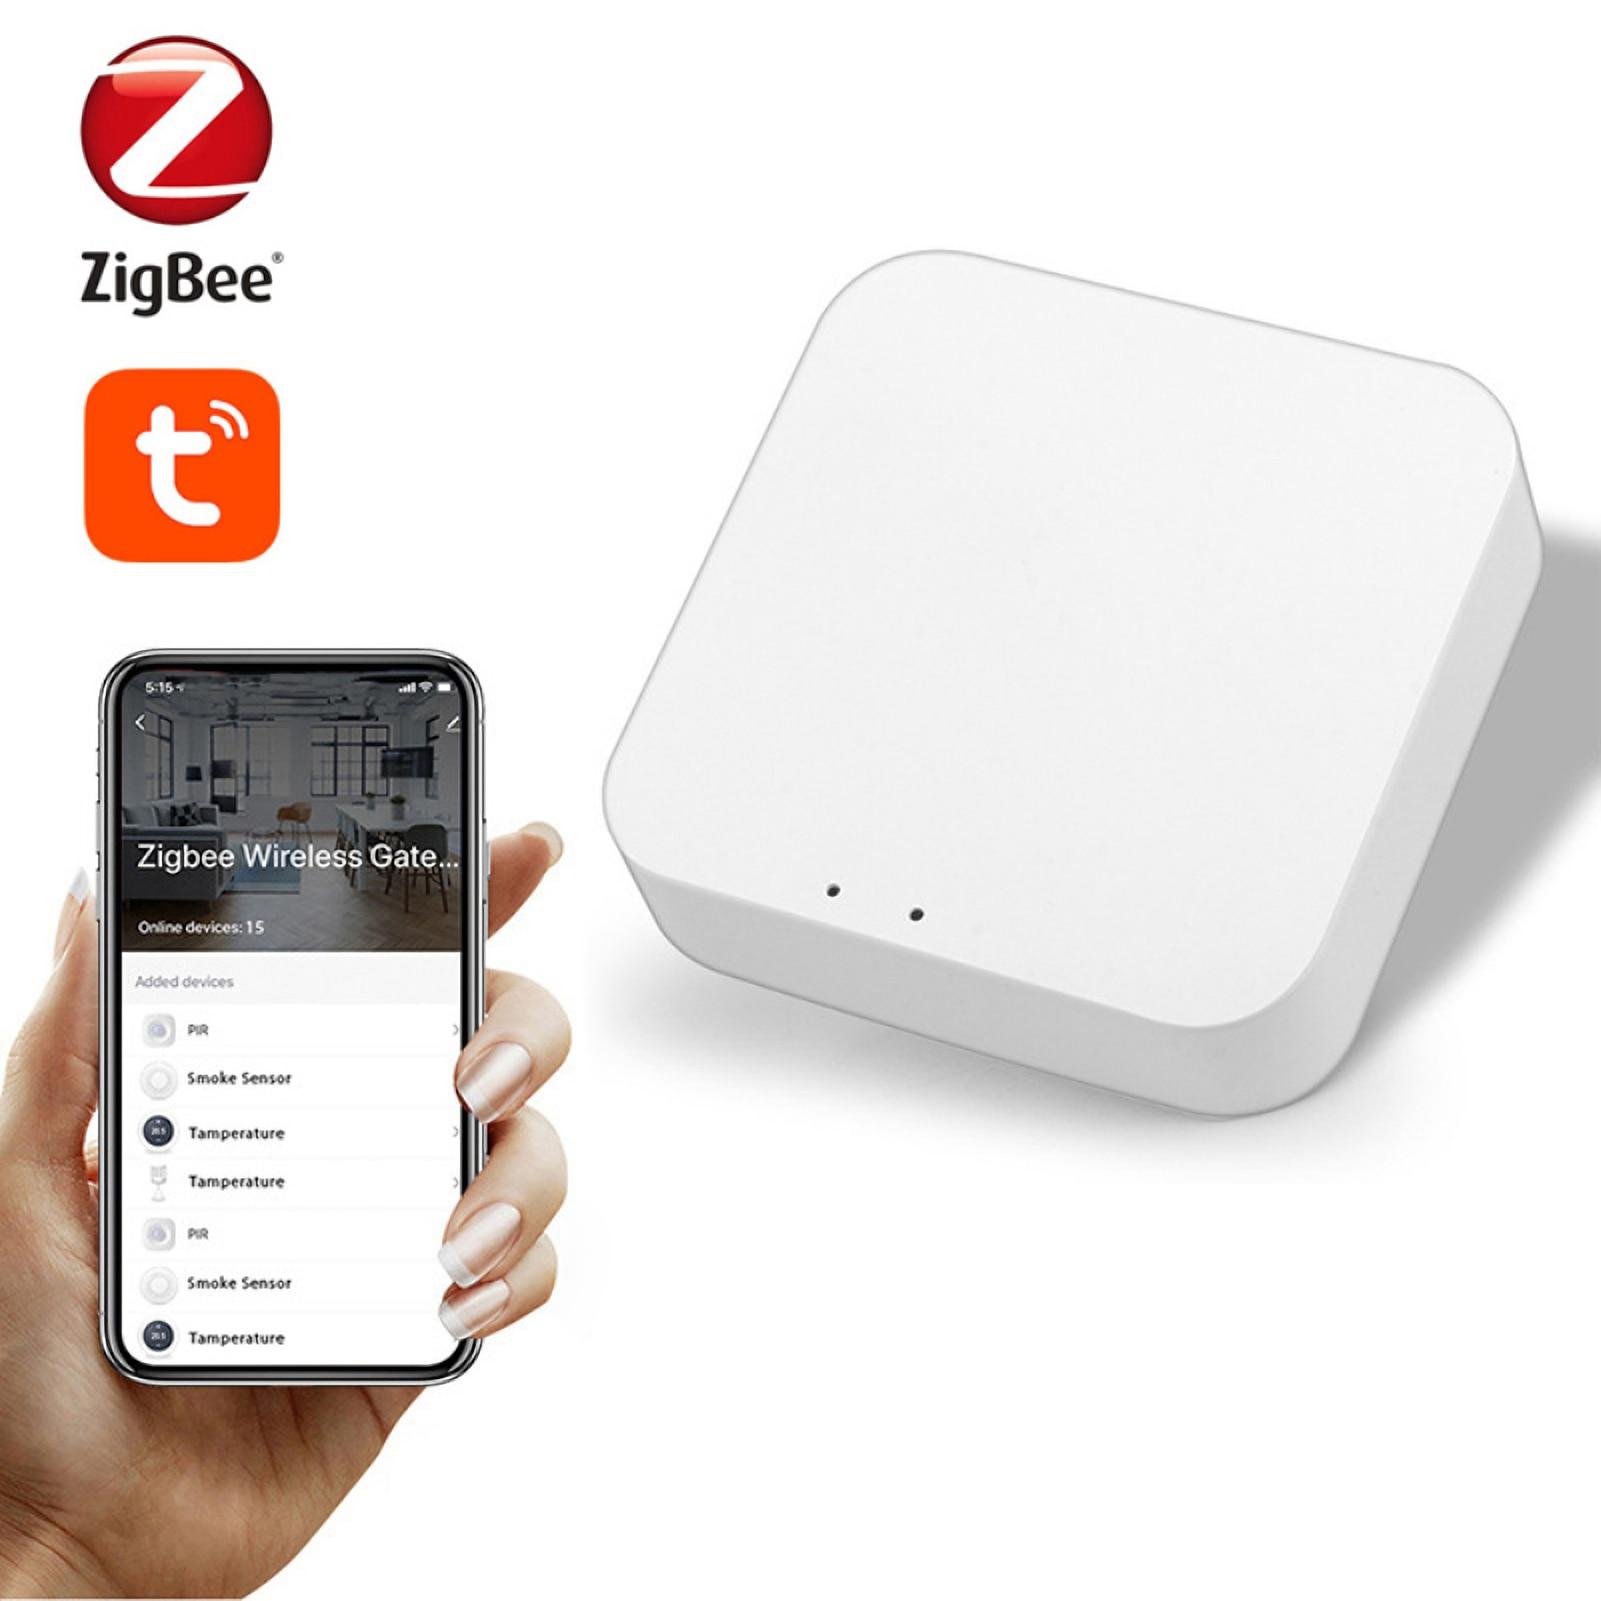 بوابة زيجبي الذكية اللاسلكية بوابة المنزل الذكي زيجبي محور مركزي APP التحكم عن بعد التحكم الصوتي مجموعة التحكم